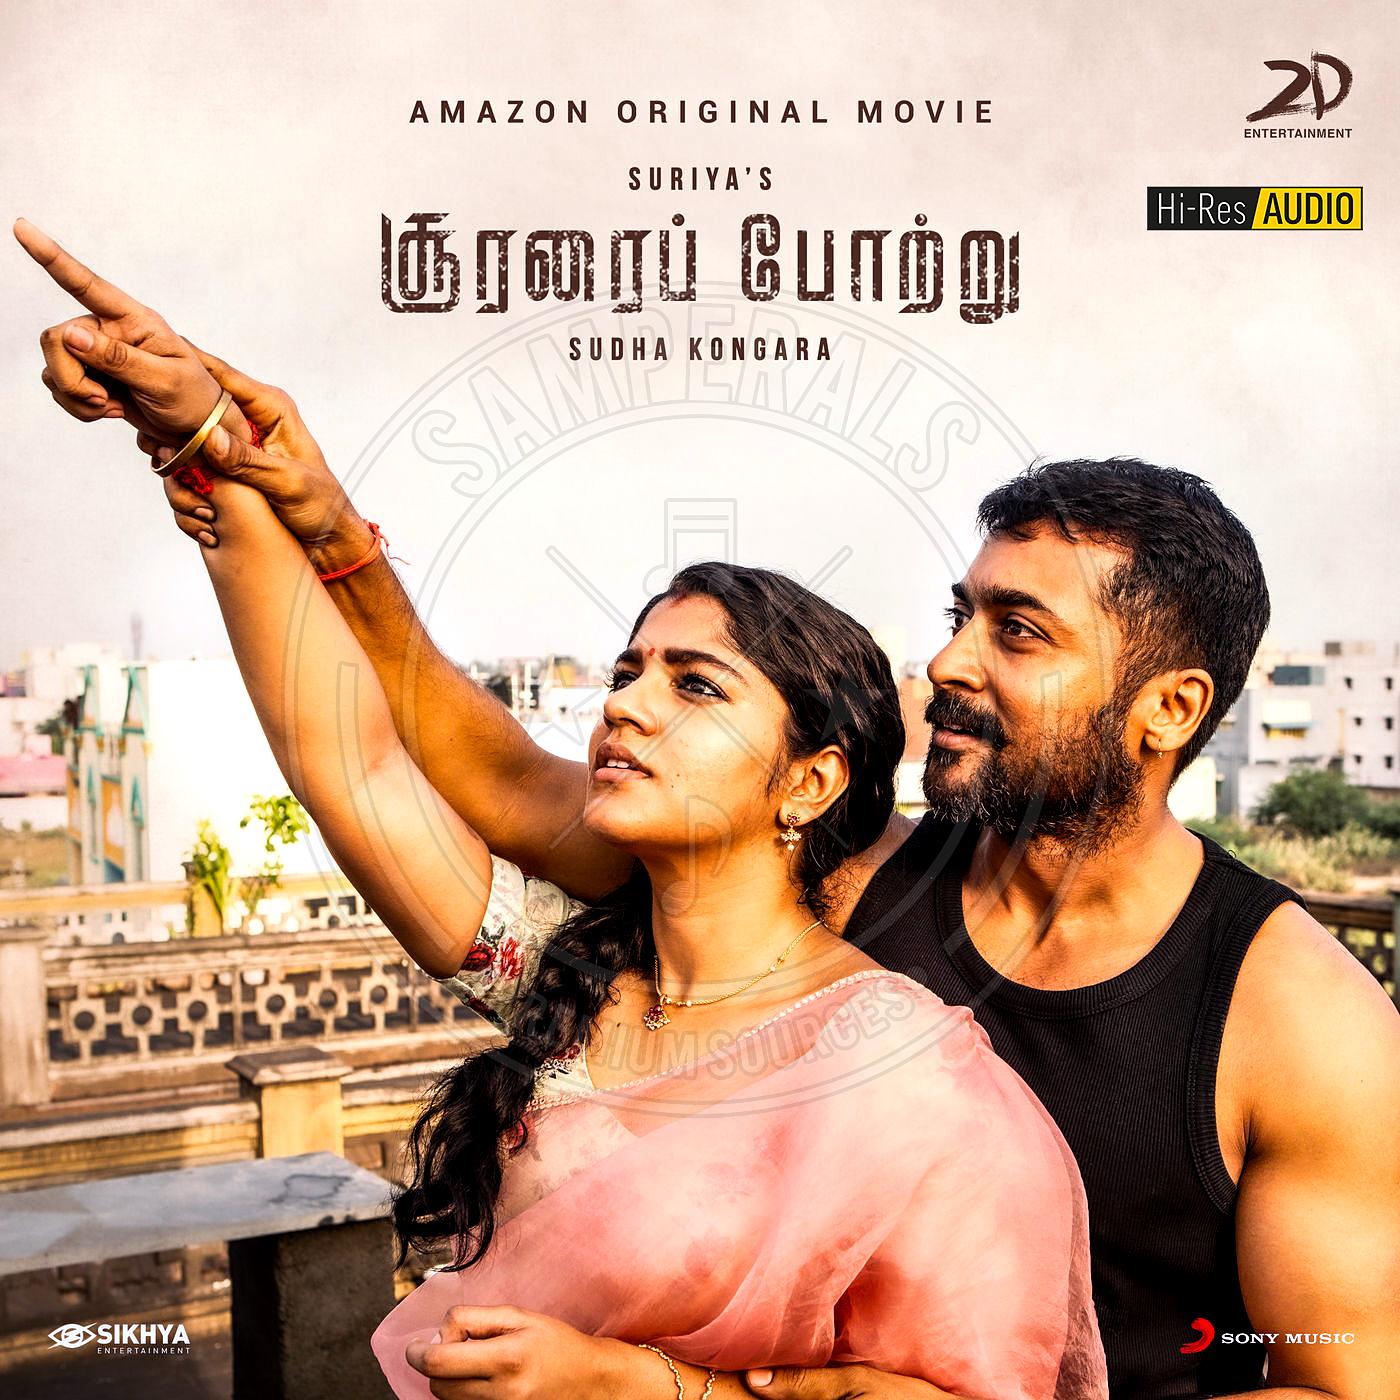 Soorarai Pottru 24bit 48khz 2020 Digitalrip Wav Full Movies Online Free Songs Free Movies Online